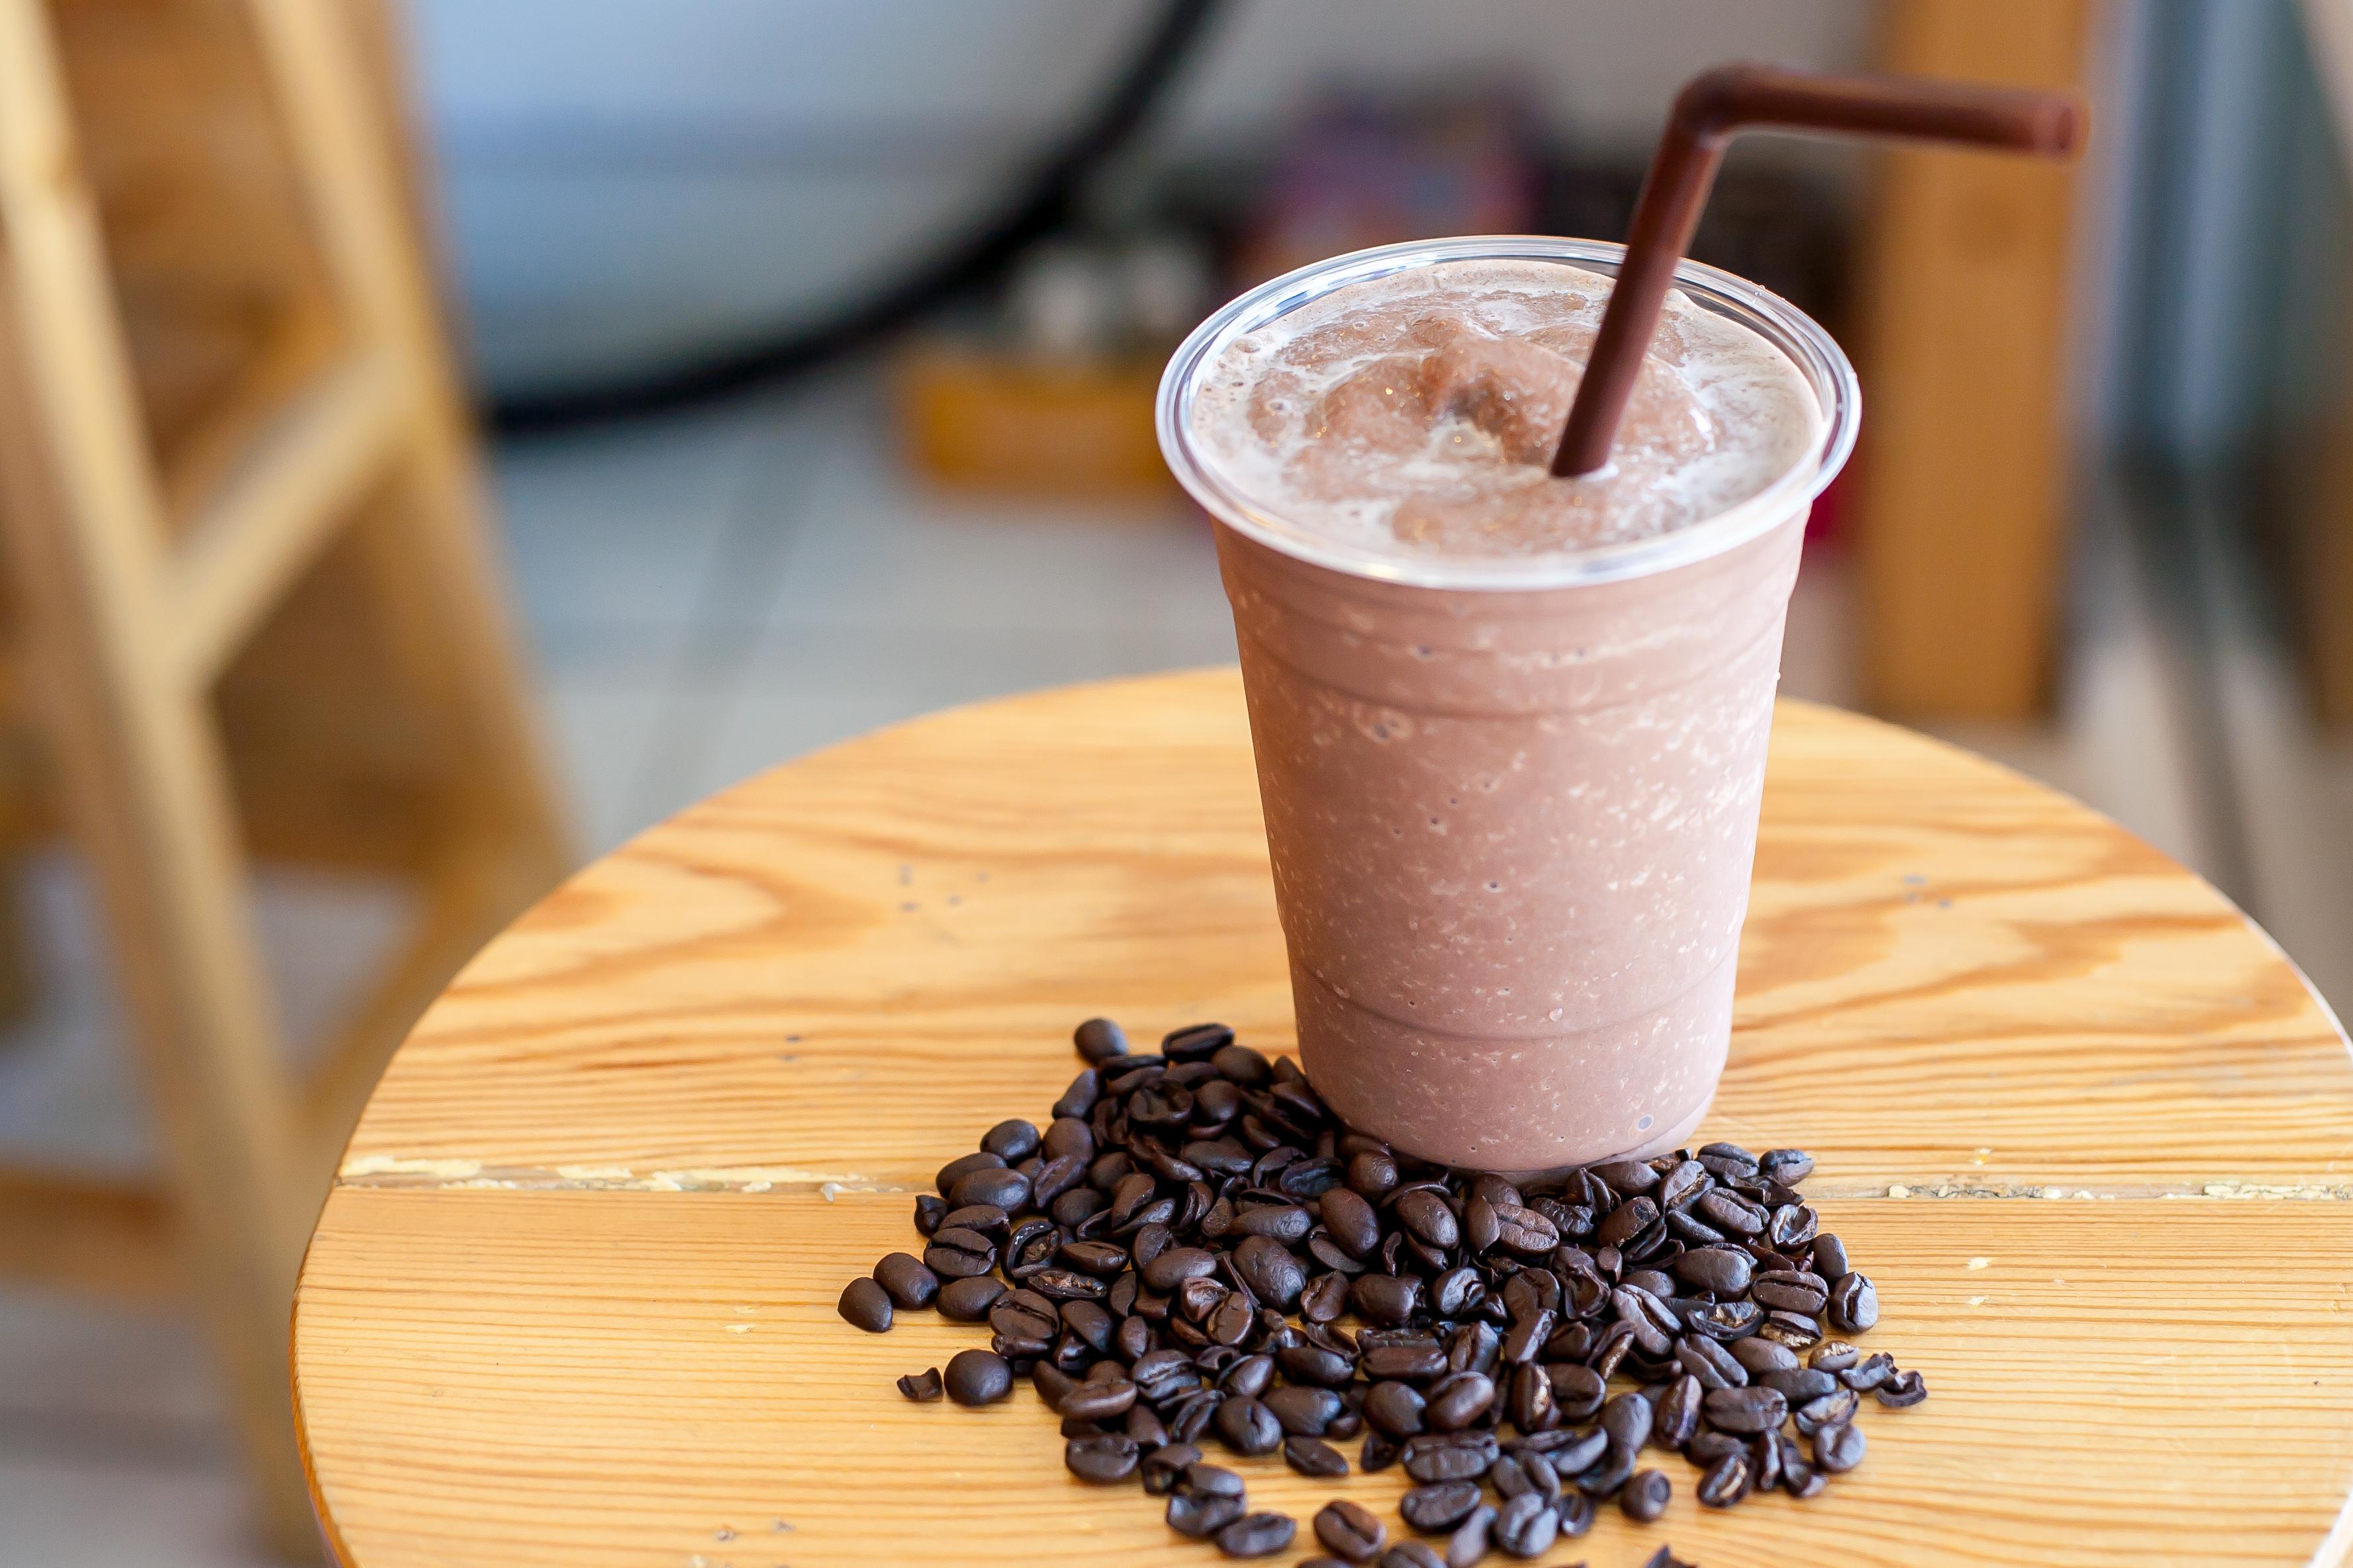 shutterstock_292340651 doktorn kaffesmoothie hälsa medicin välbefinnande.jpg